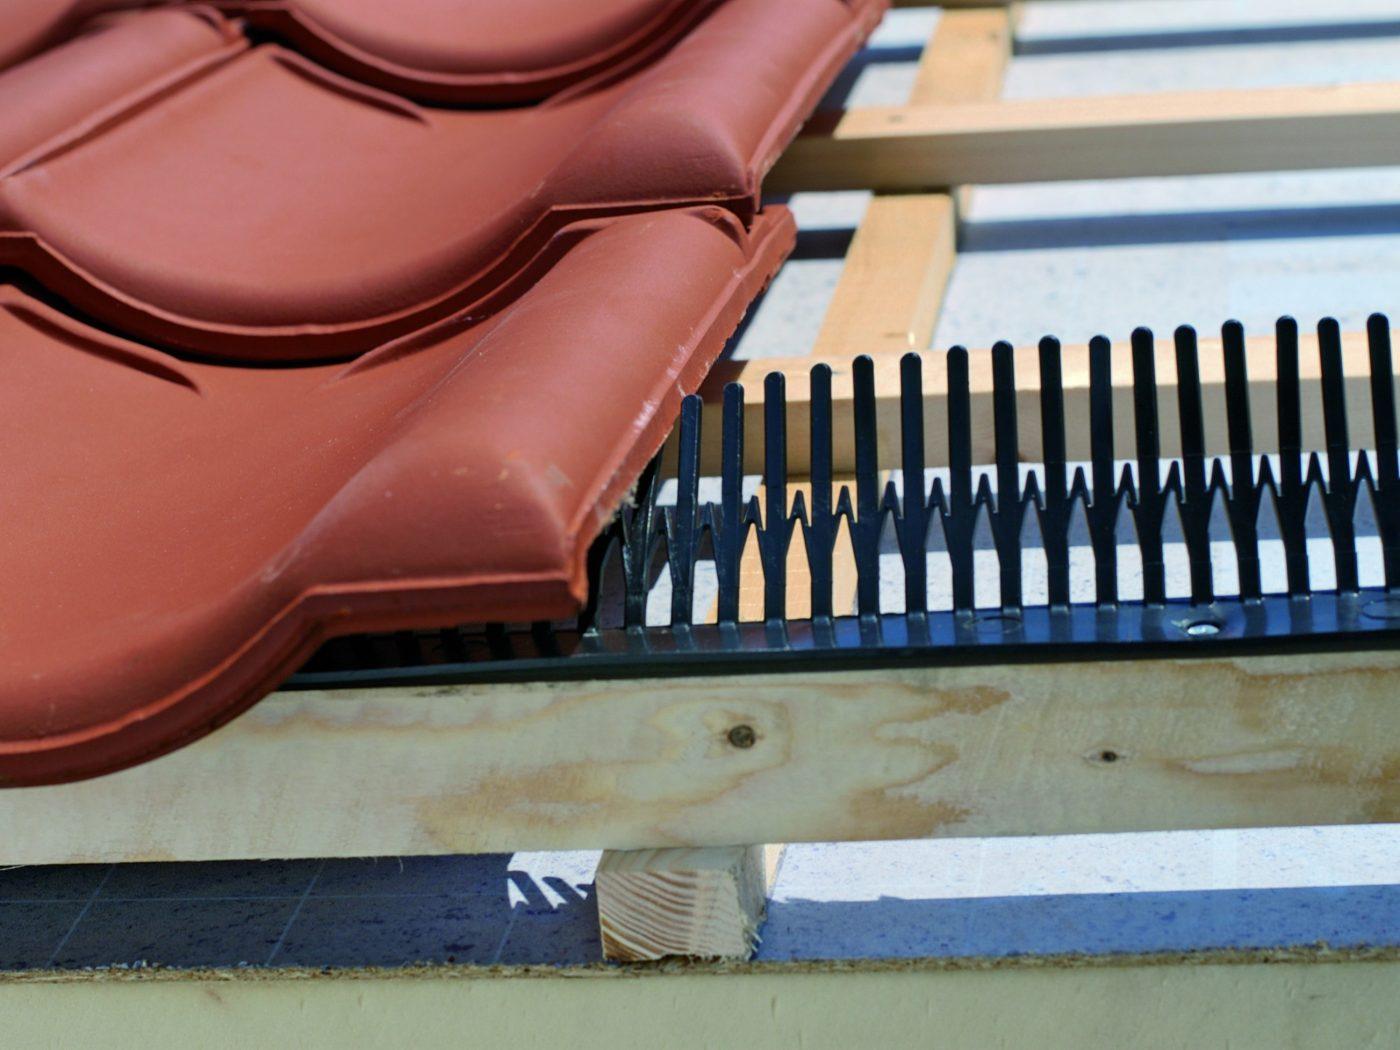 Mundimat dakmaterialen - dakvoet - dak - dakmaterialen - limburg - daktoebehoren - hulpstukken - vogelmuisschroot enkele